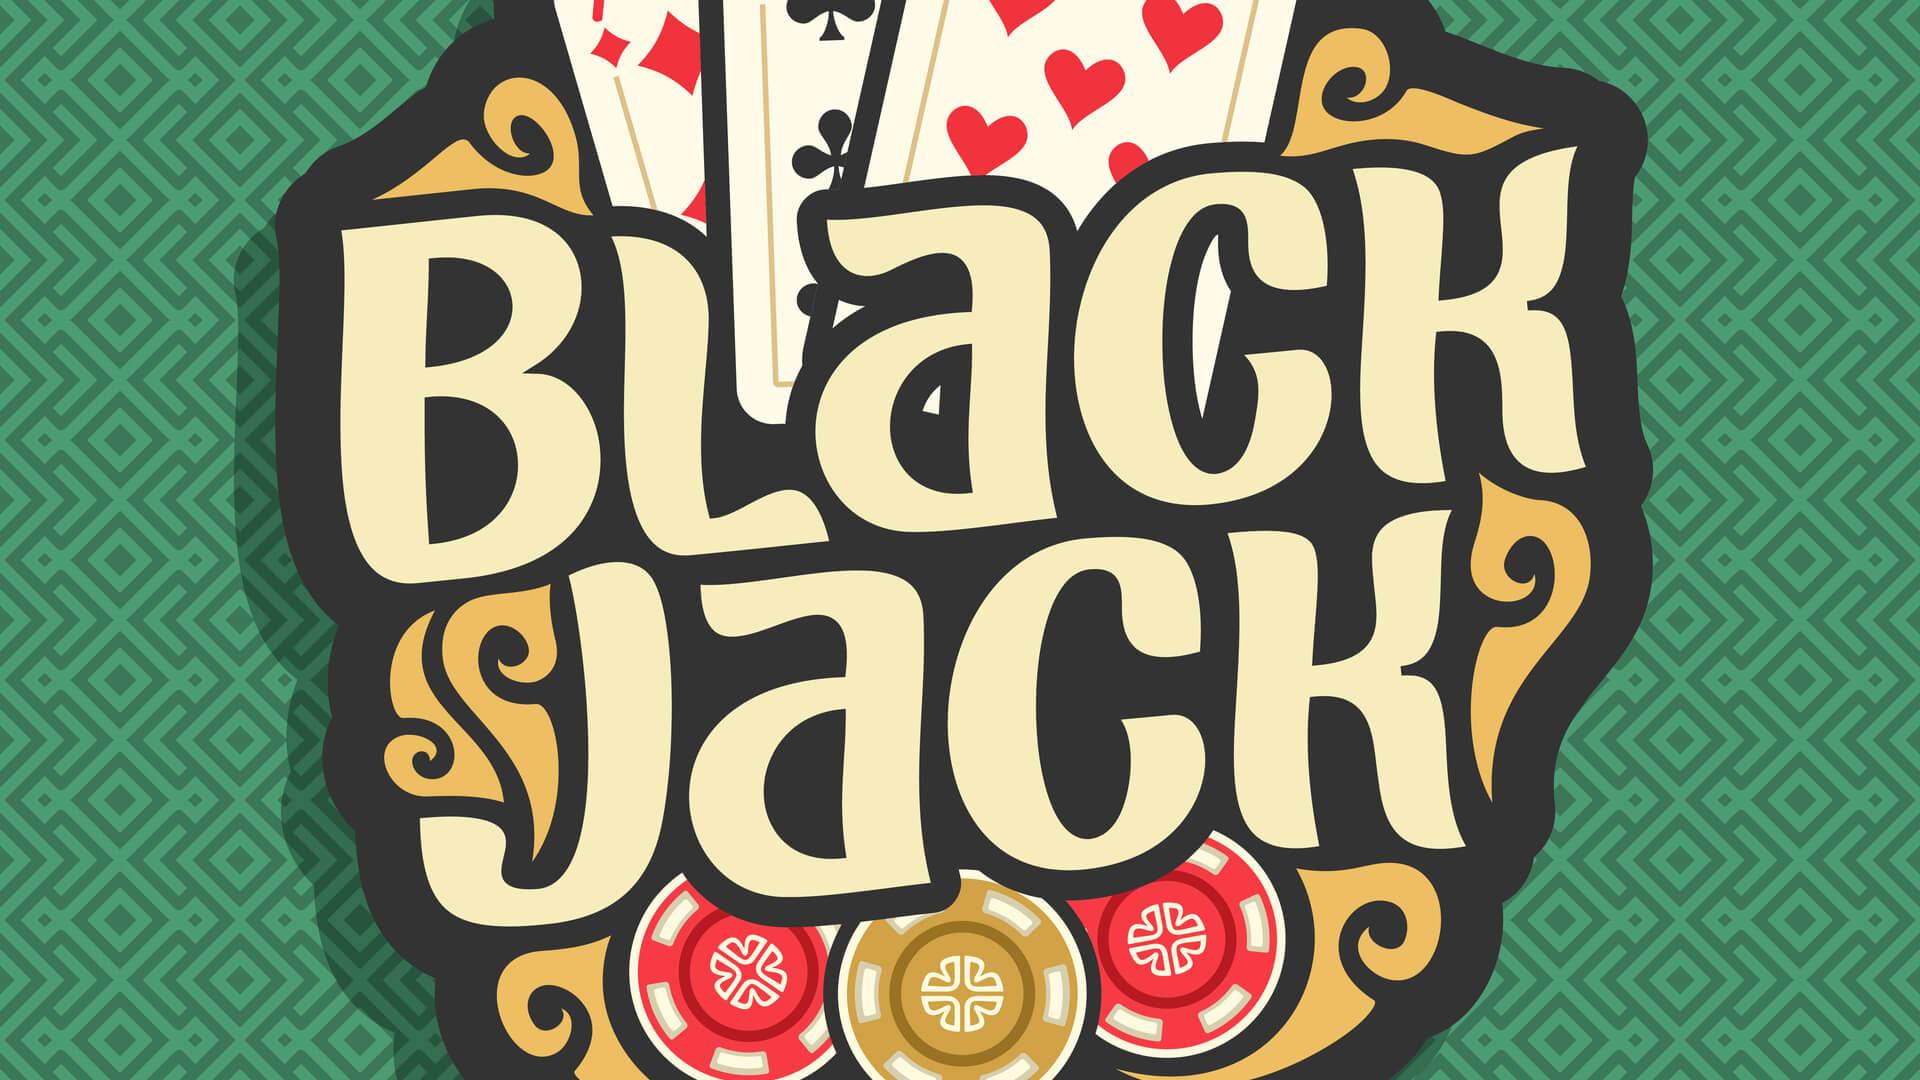 ブラックジャックは攻略法が豊富でプレイヤーに大人気